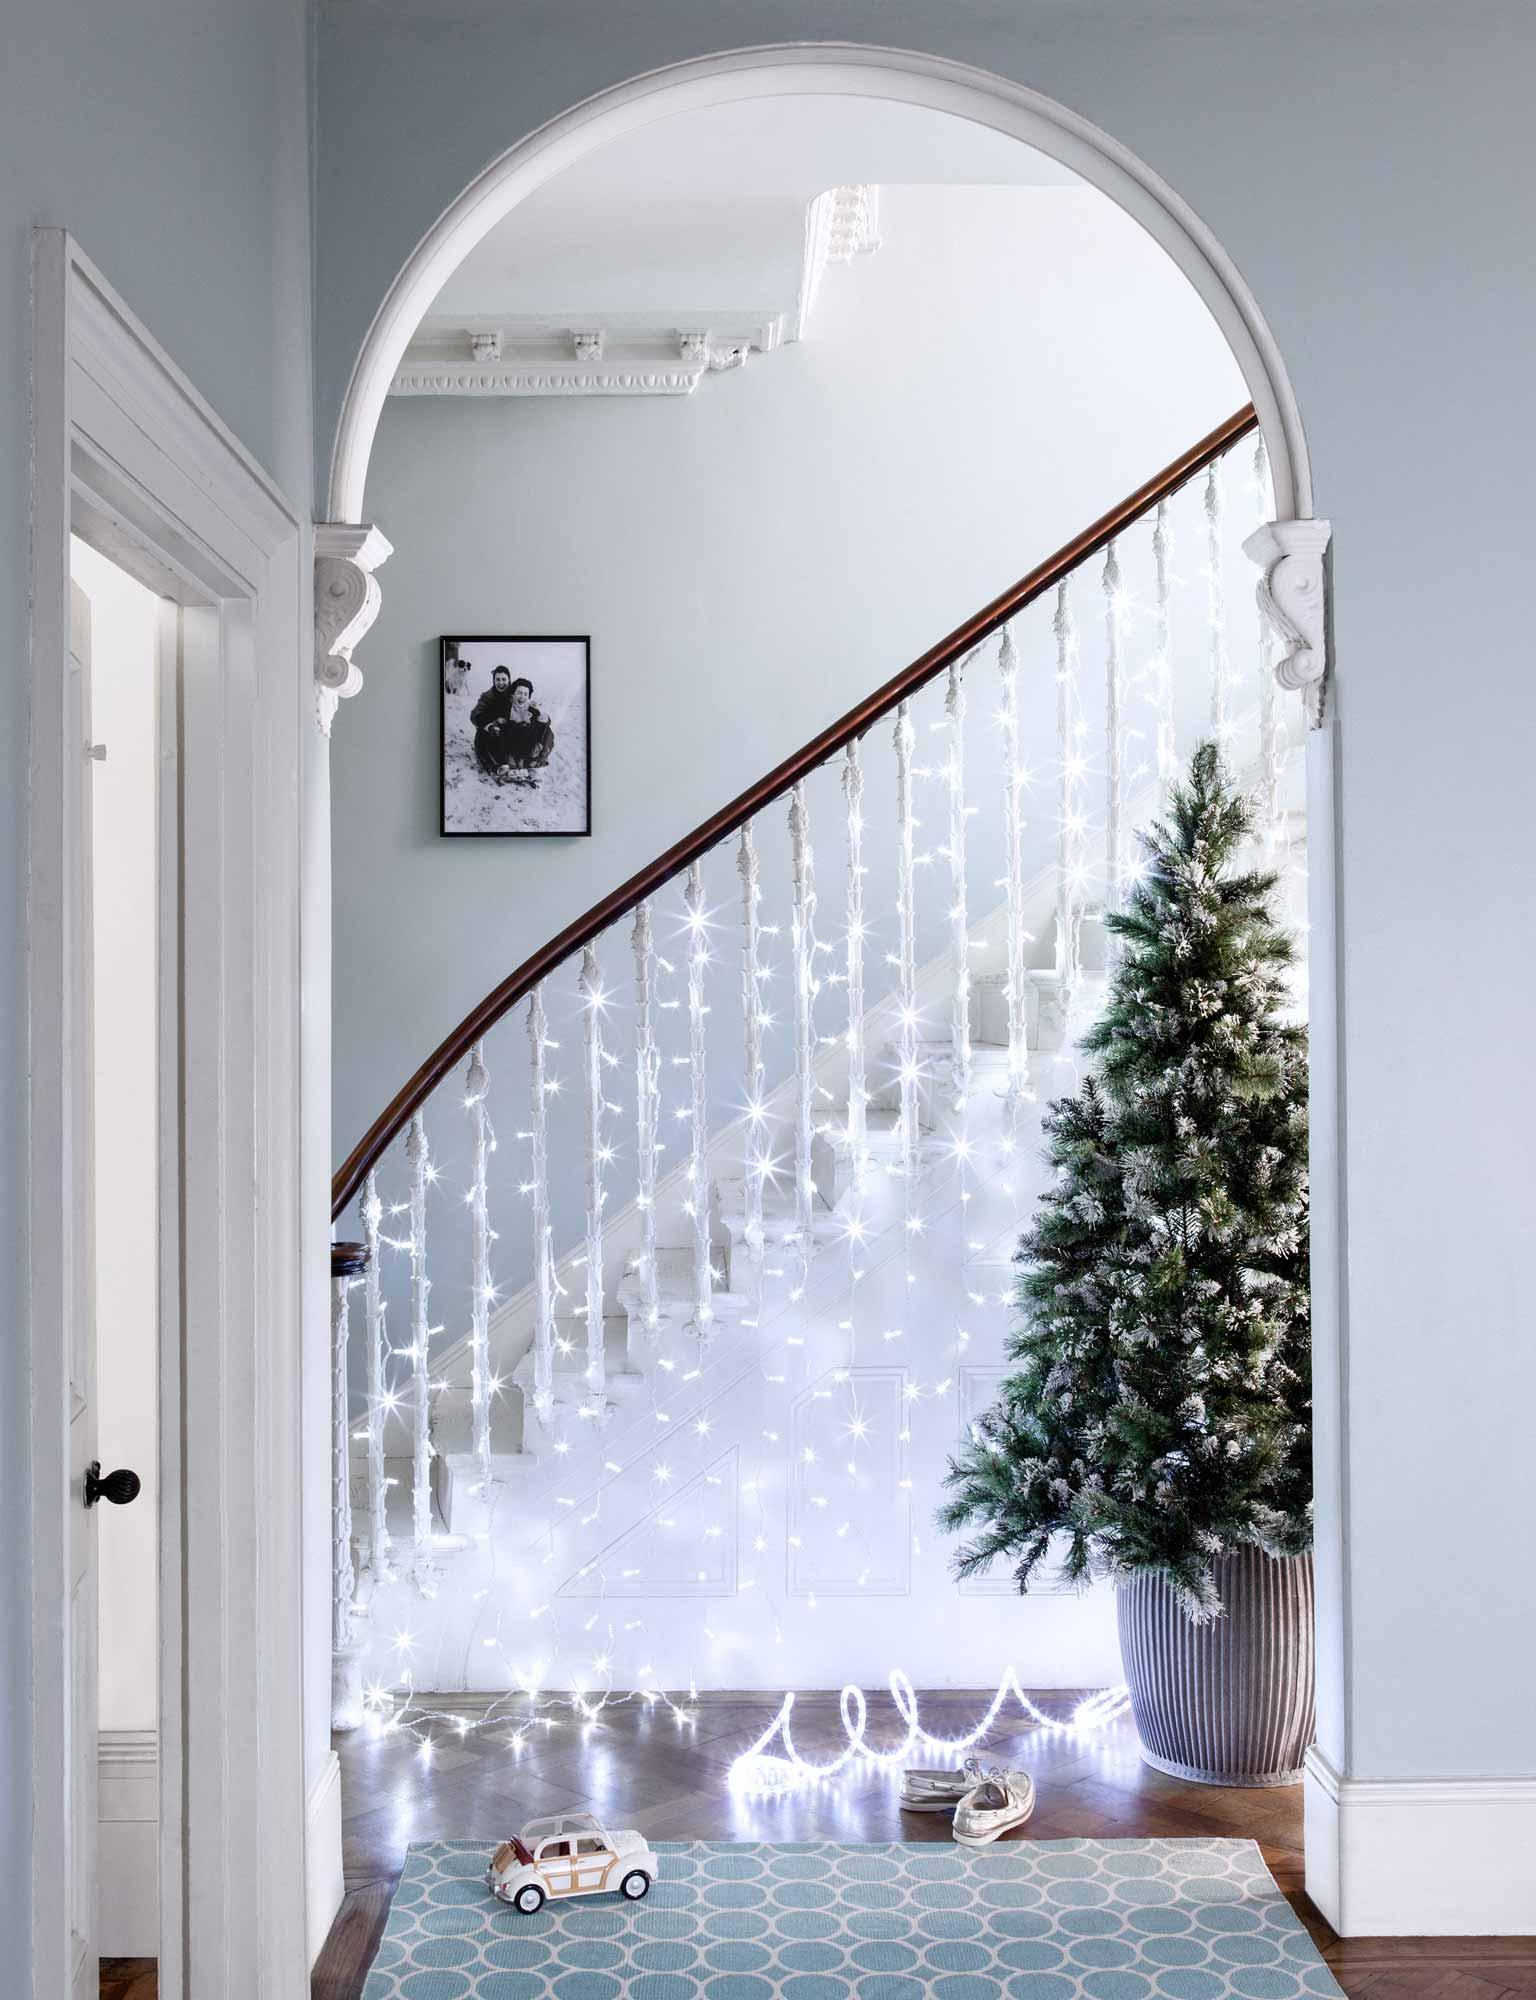 Дизайн коридора с лестницей и гирляндой